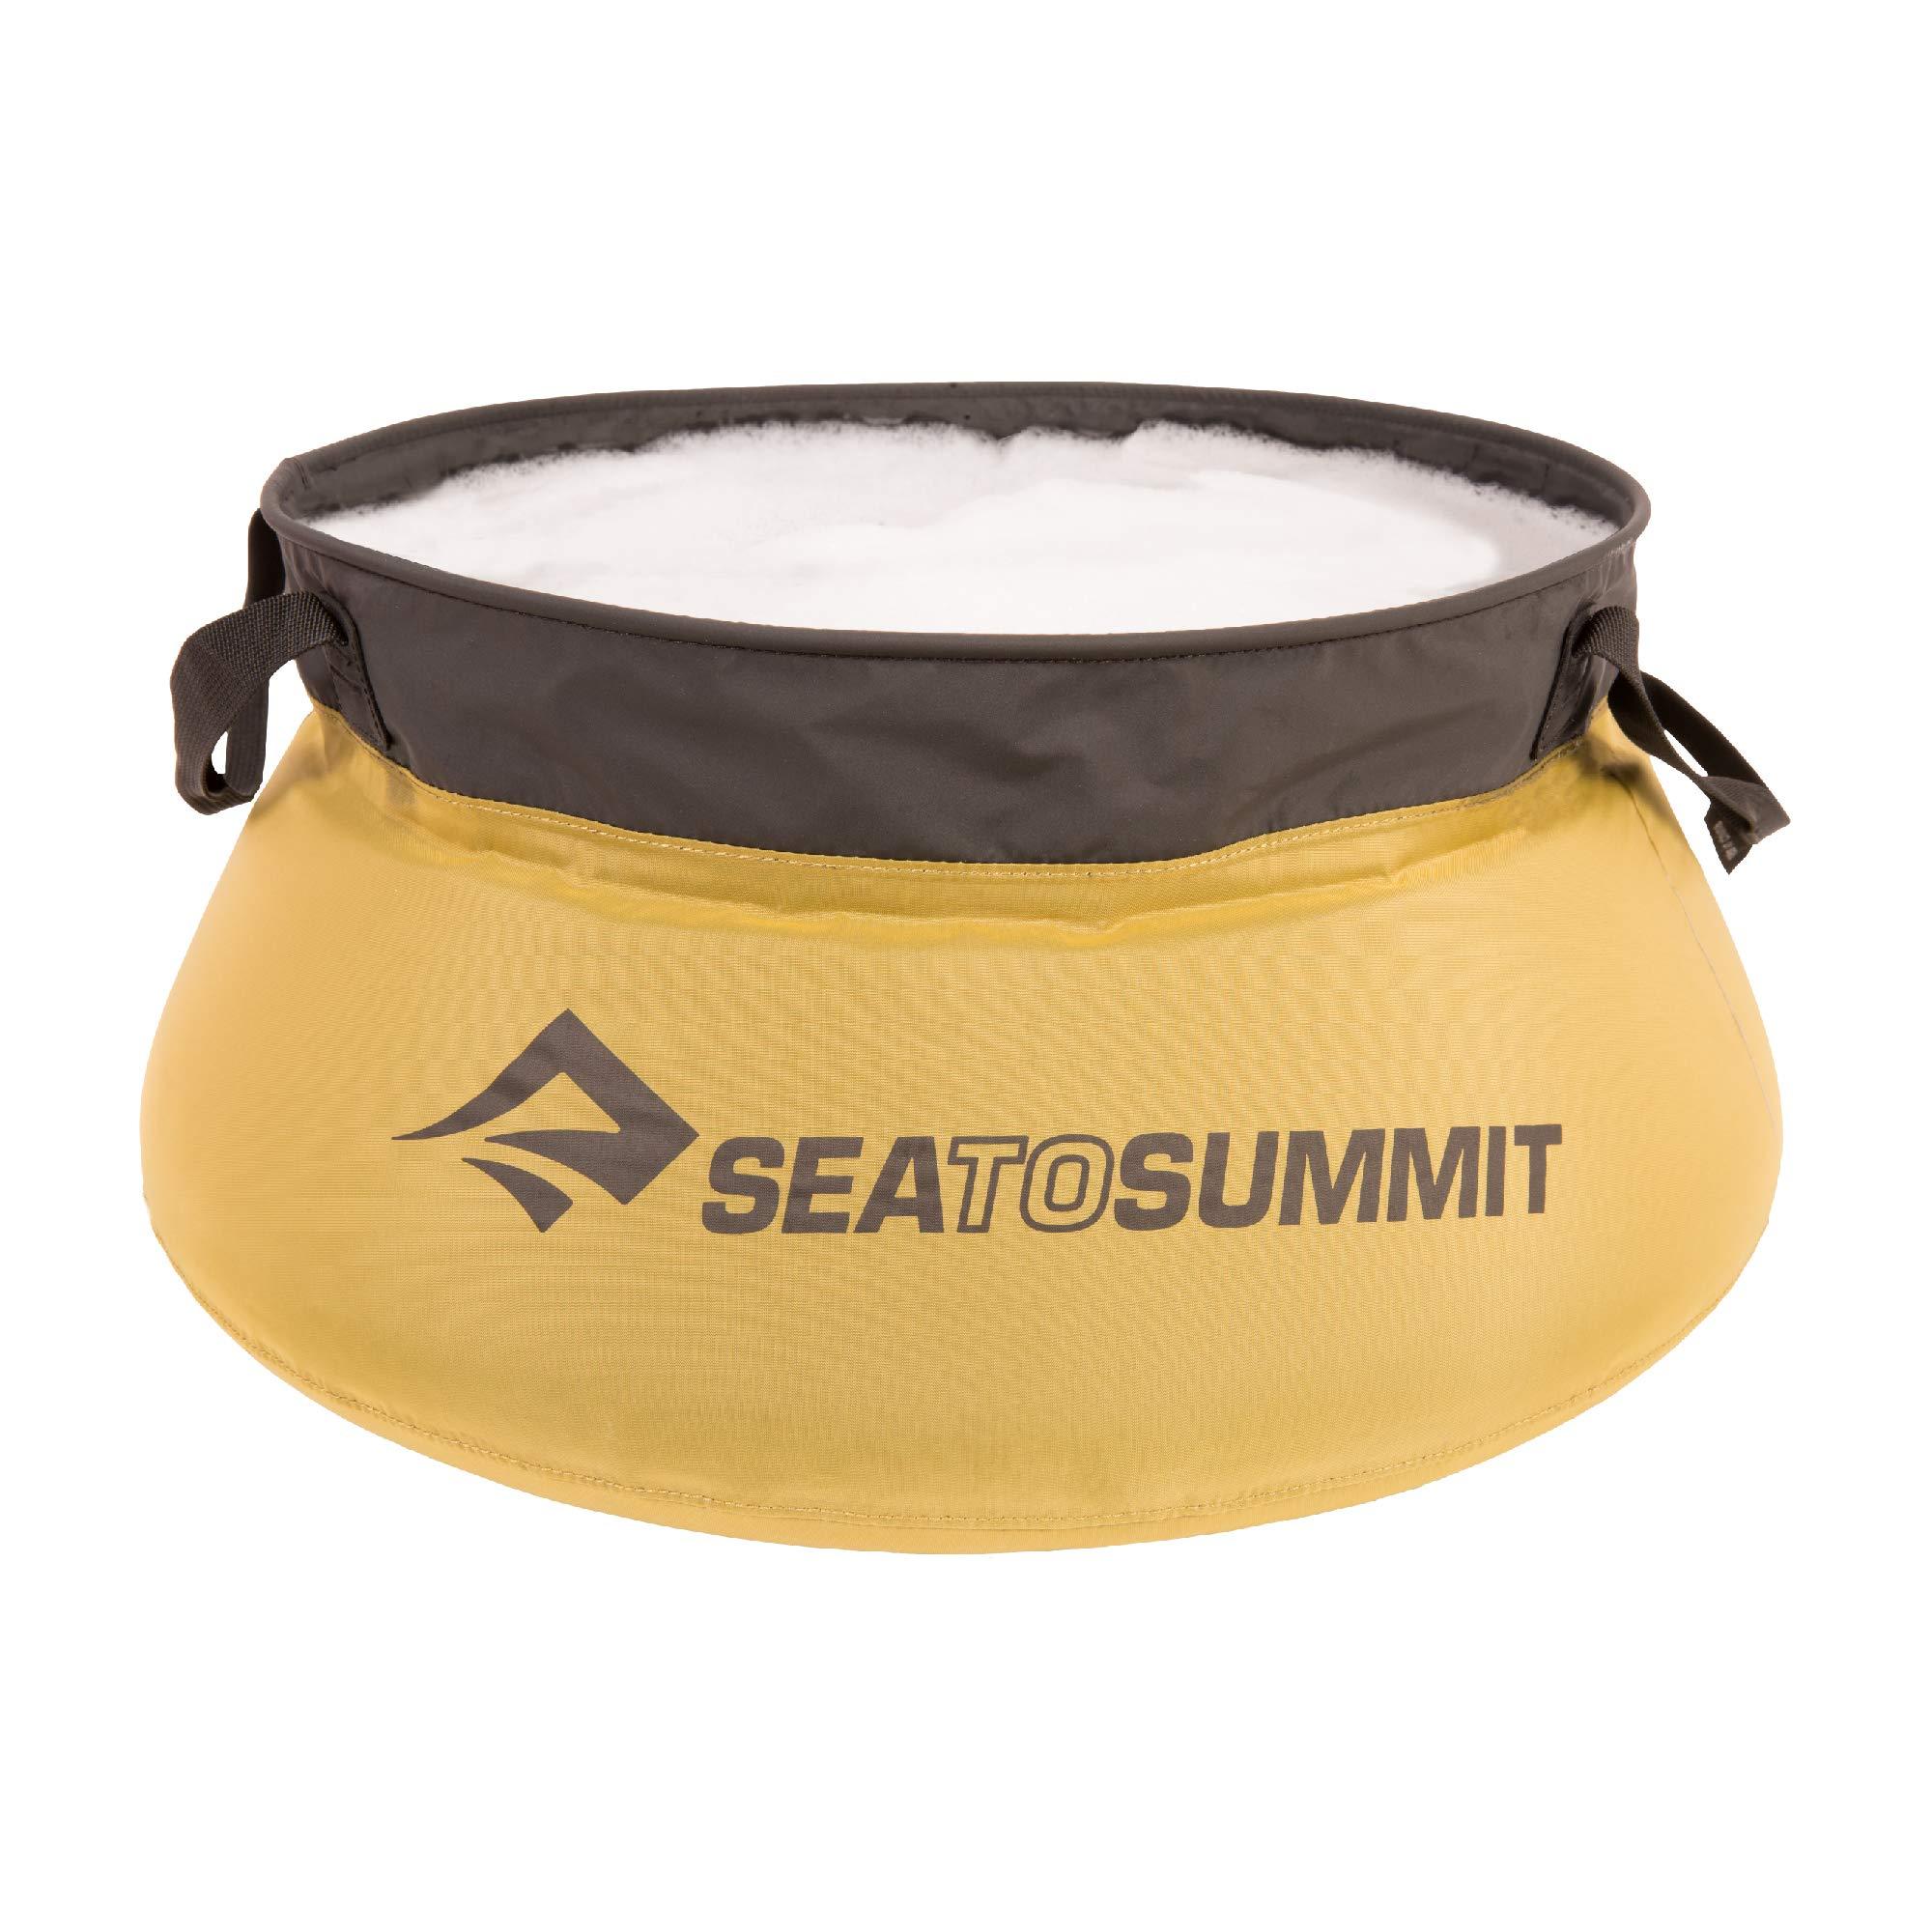 Sea to Summit Kitchen Sink, 10 Liter